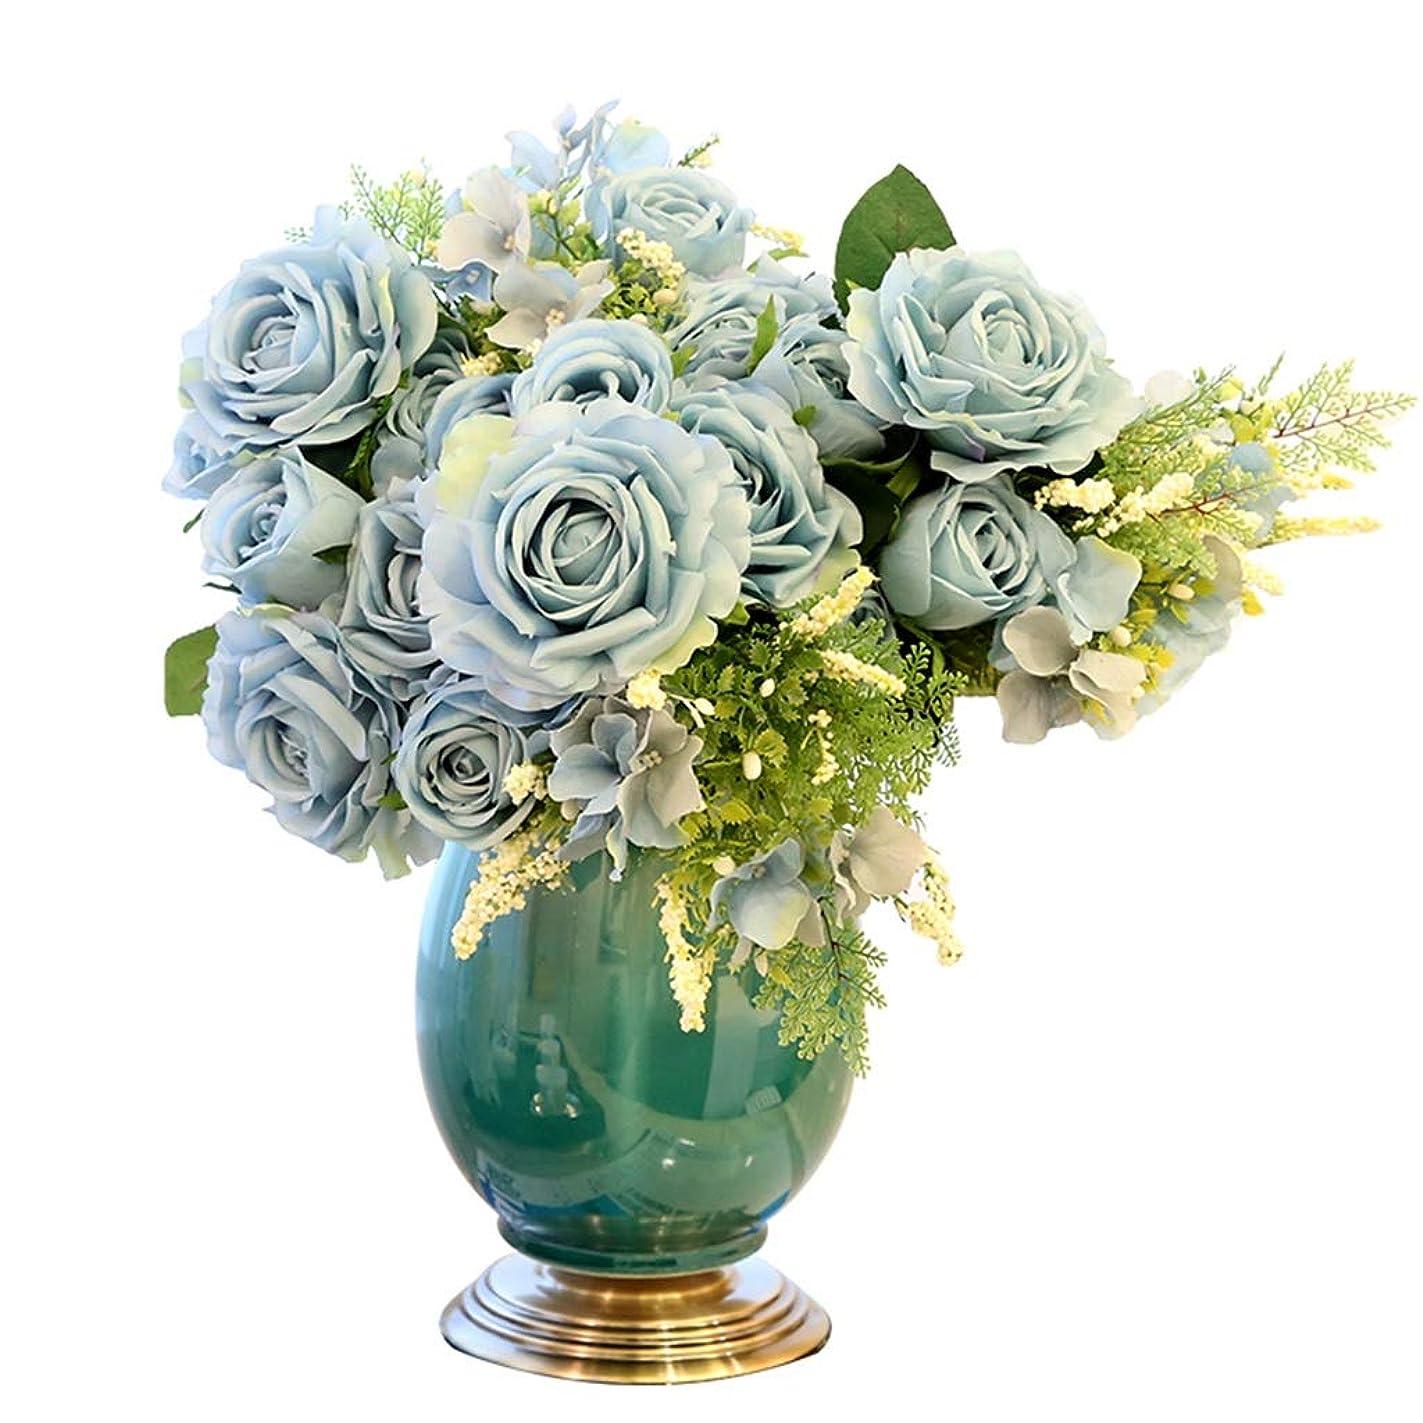 ジョブ応じる各フラワーベース?花器 花瓶 家庭用陶器の花瓶 リビング花瓶 コンソールデスクトップクリエイティブ家具デコレーションオーナメント (Color : Blue, Size : 18*38cm)